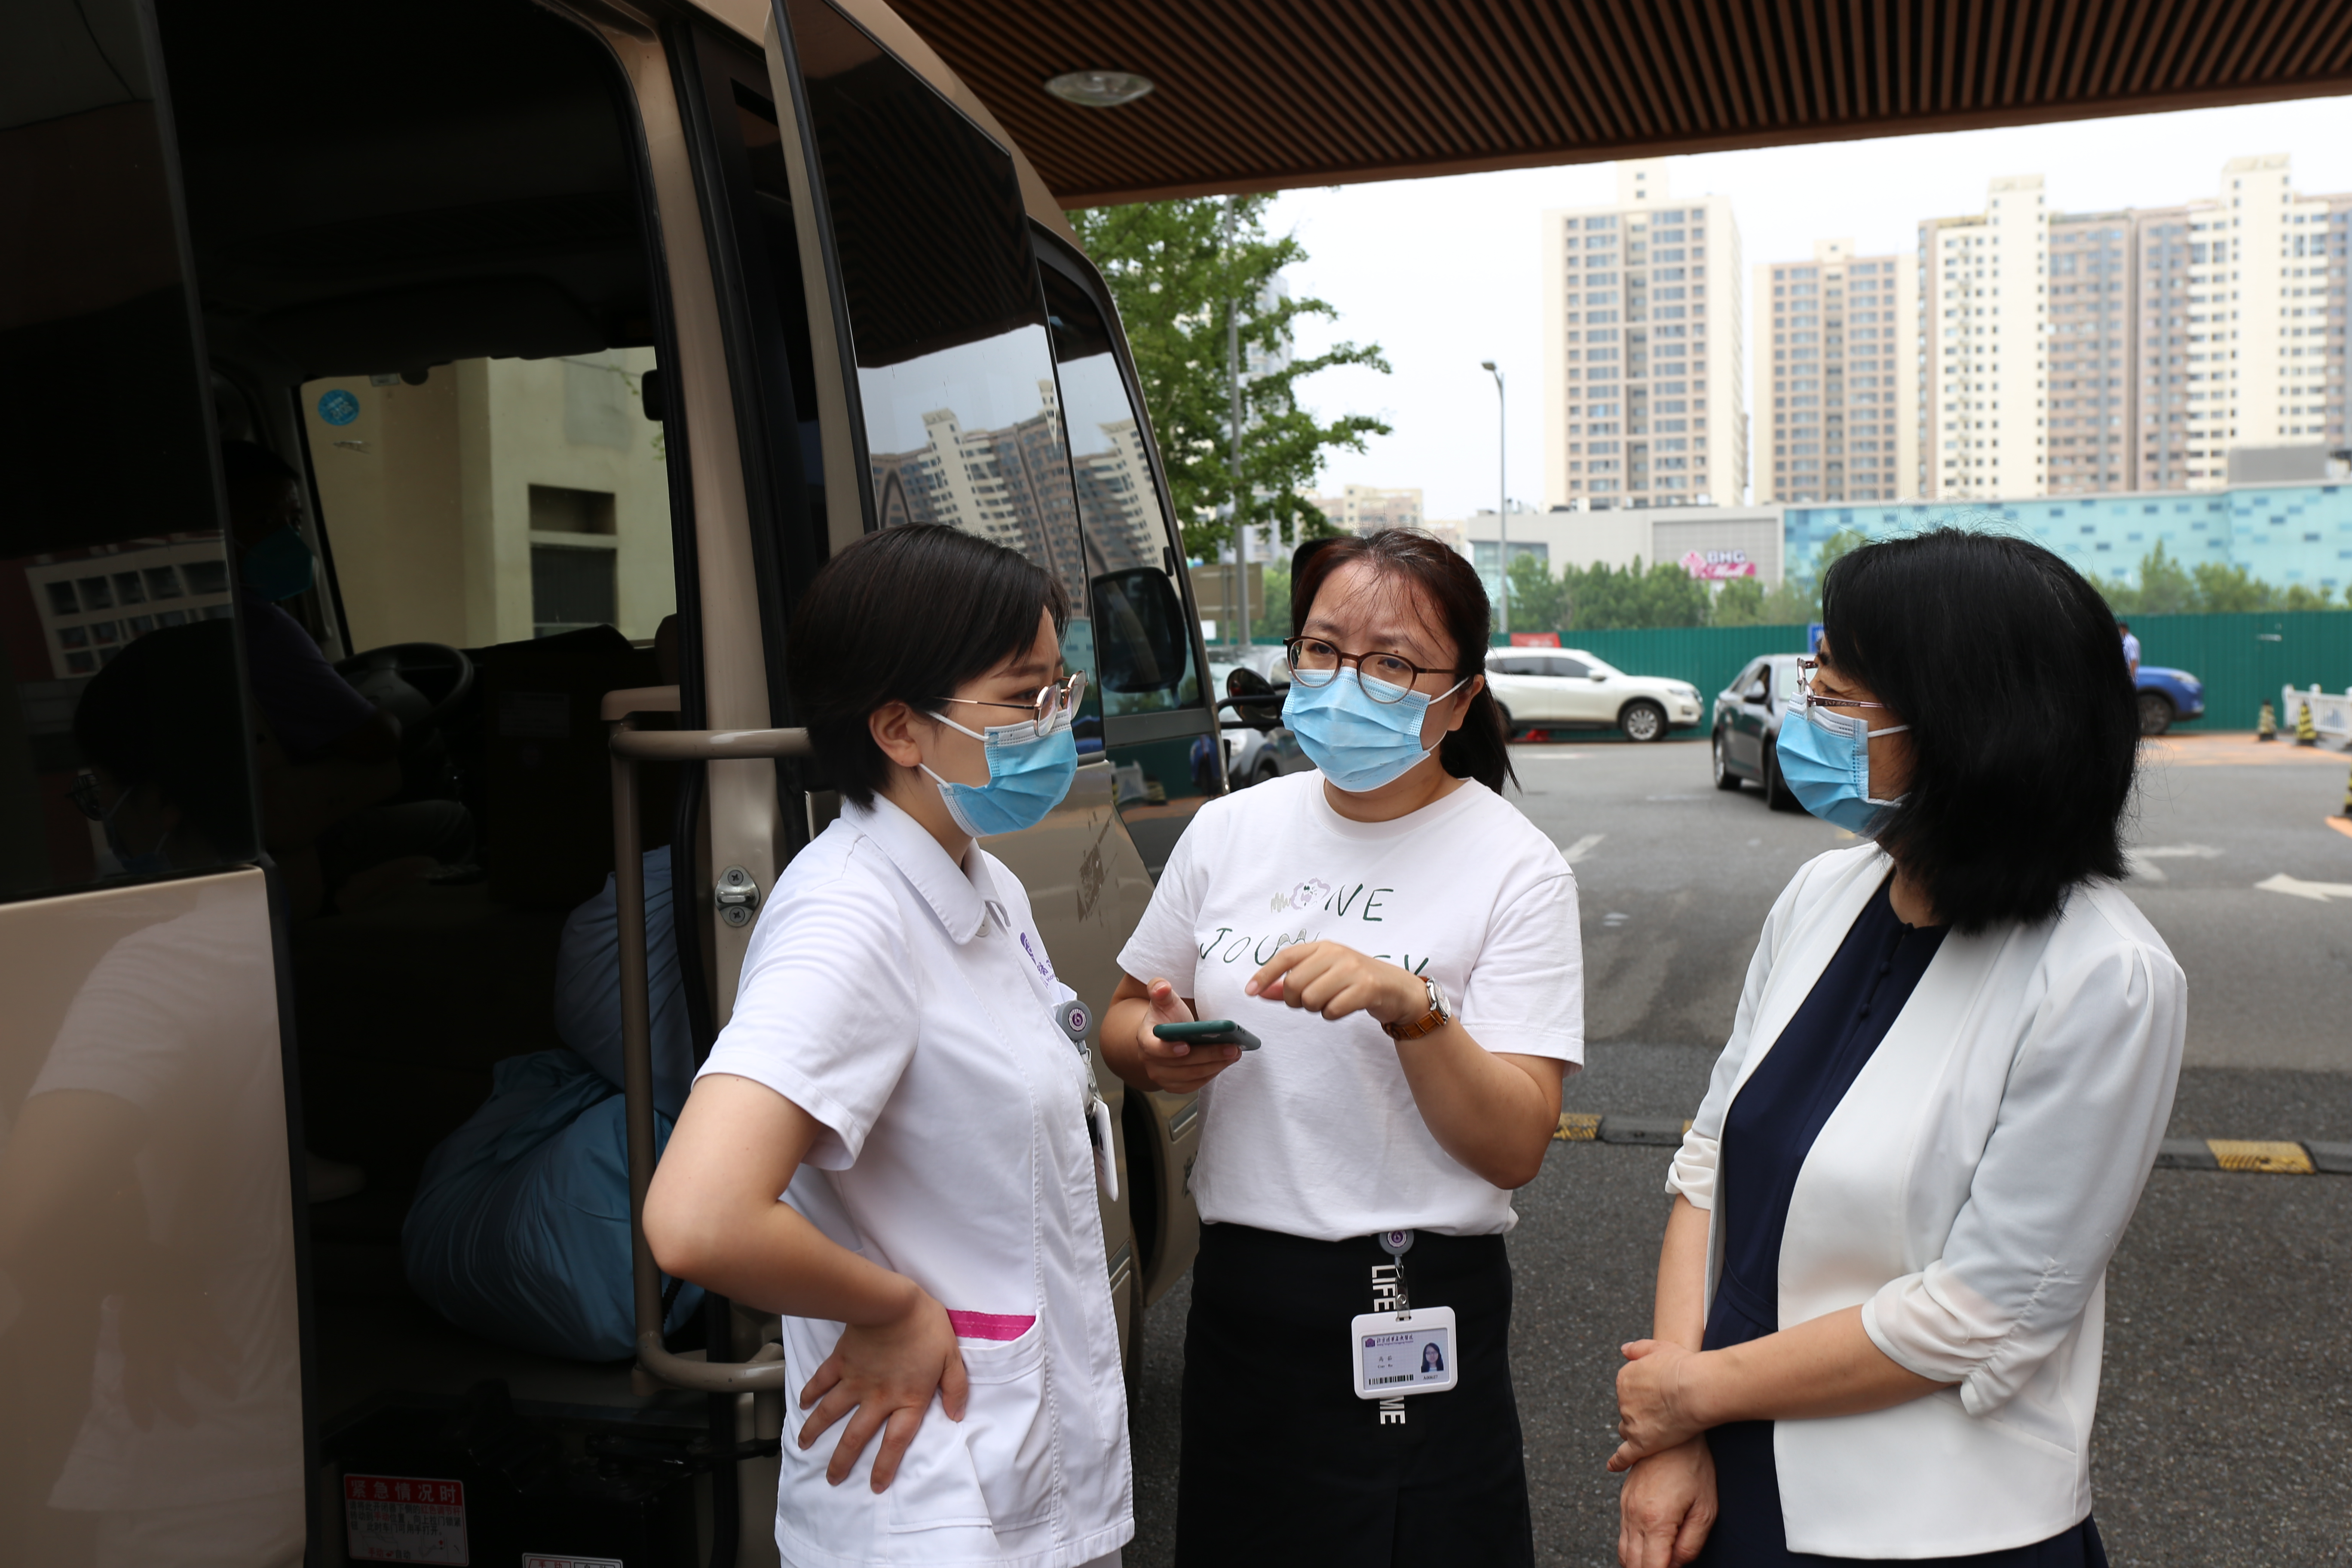 支援回龙观核酸采样,清华长庚医院10分钟集齐30人出发